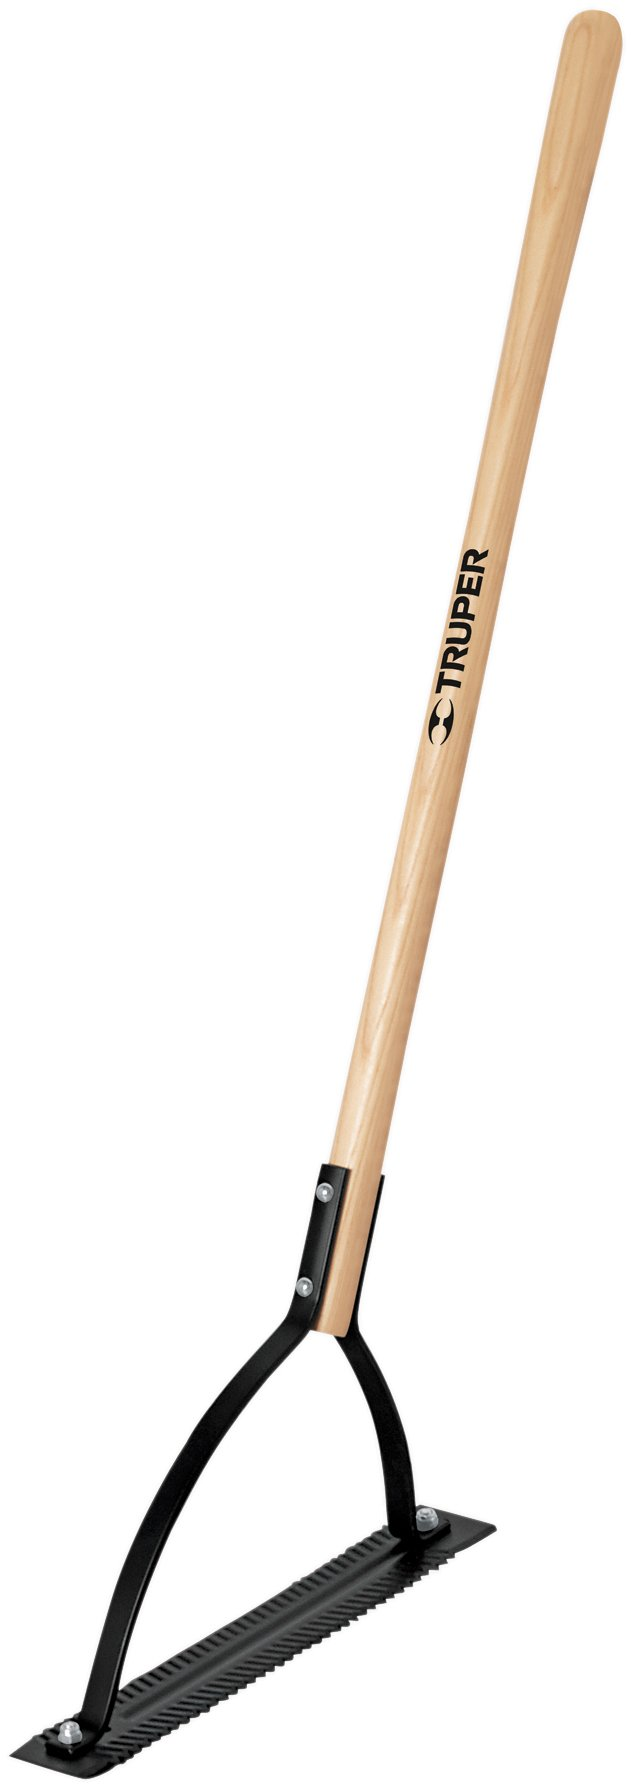 Truper 30307 Tru Tough Weed Cutter, Serrated, Sharpened Blade, 30-Inch Handle